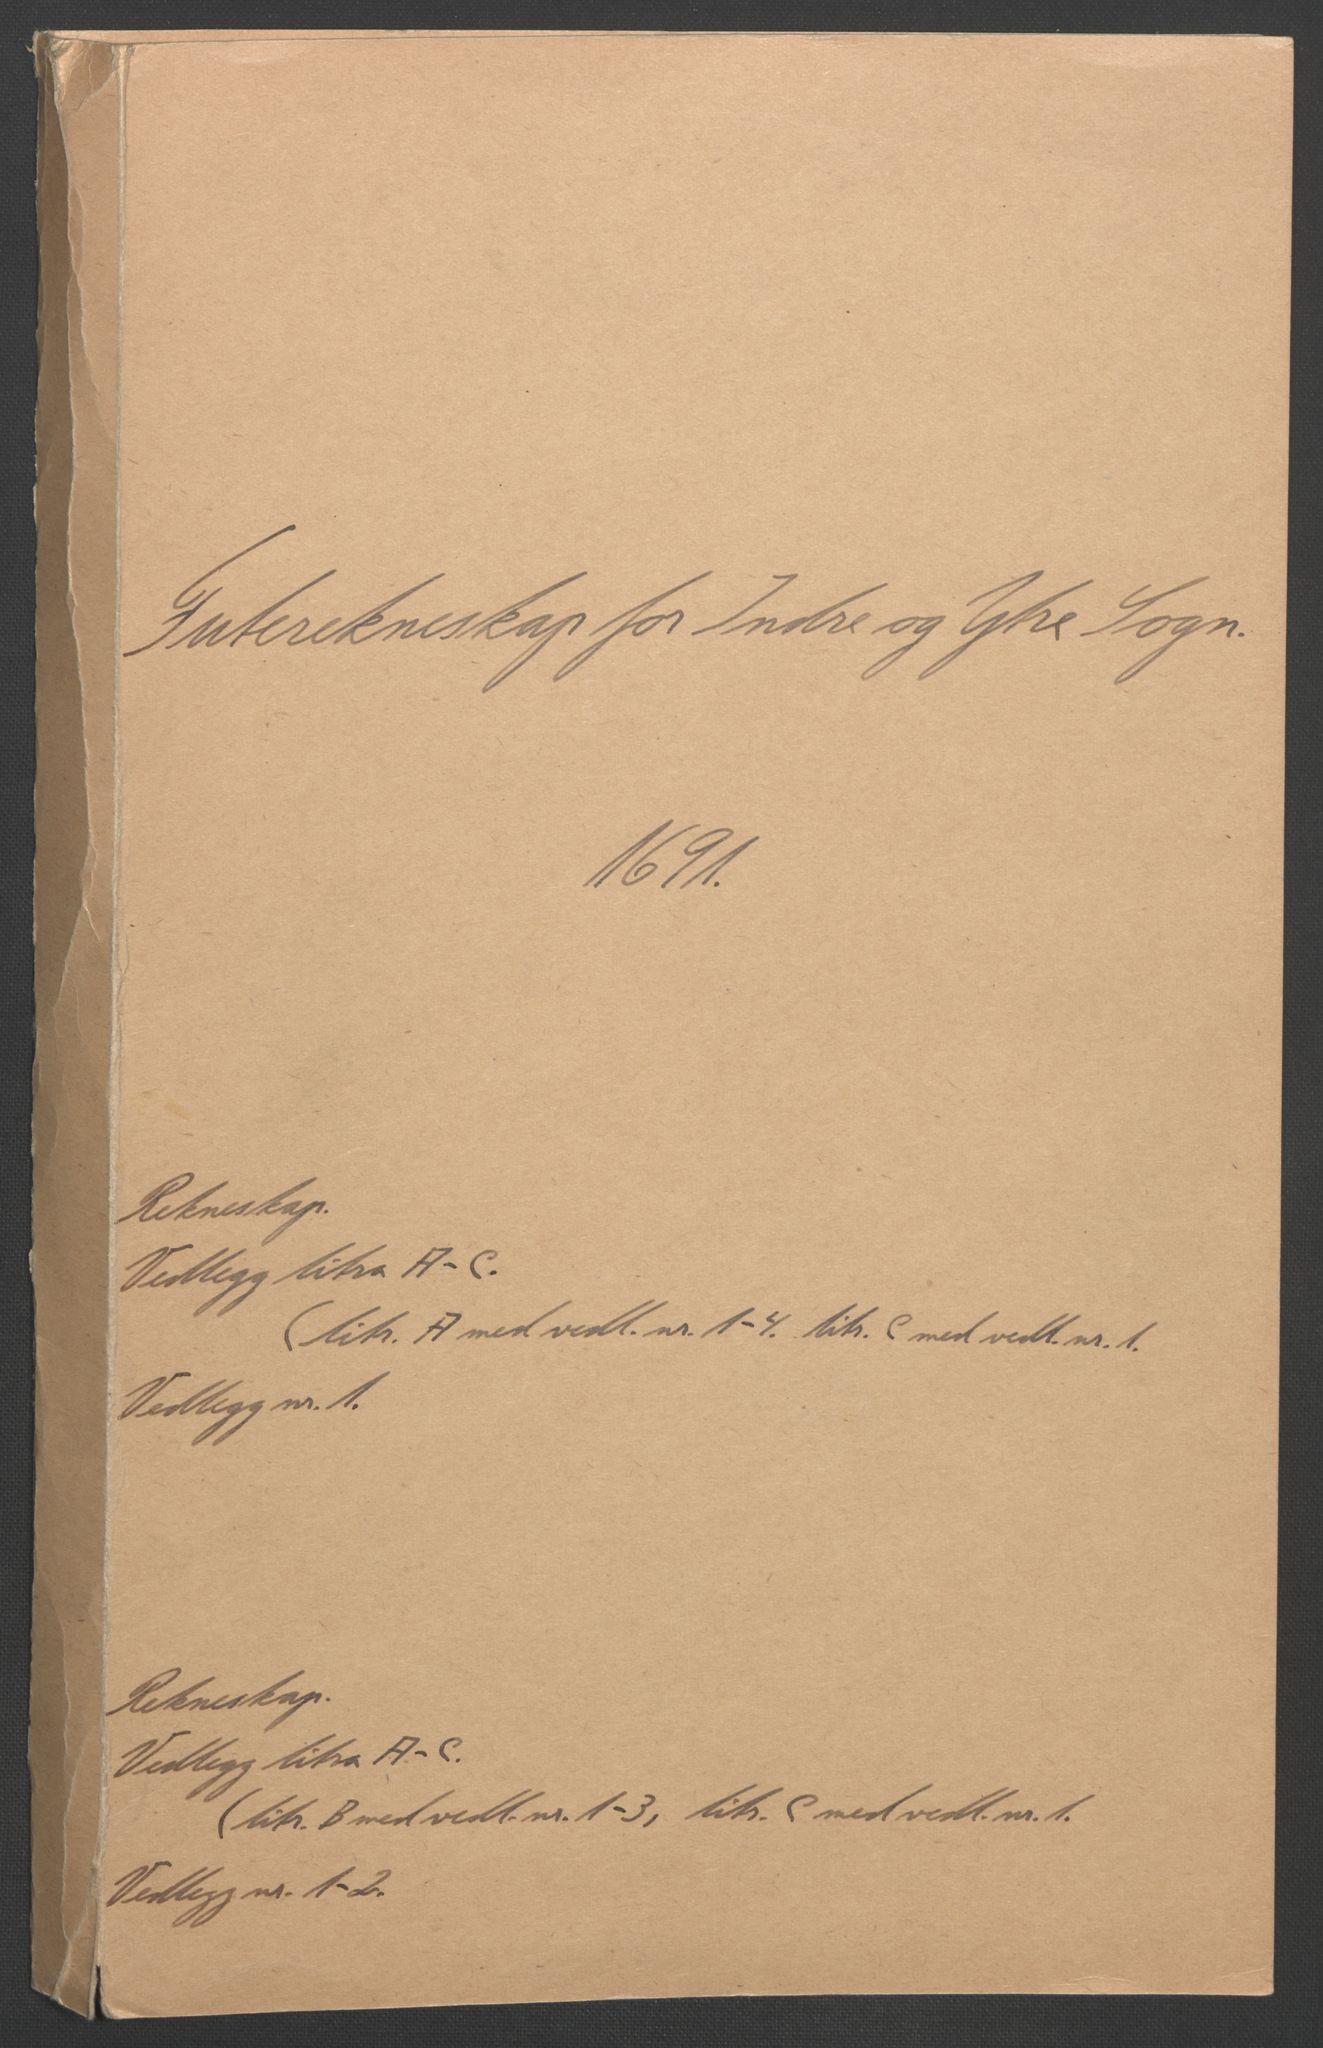 RA, Rentekammeret inntil 1814, Reviderte regnskaper, Fogderegnskap, R52/L3306: Fogderegnskap Sogn, 1691-1692, s. 2